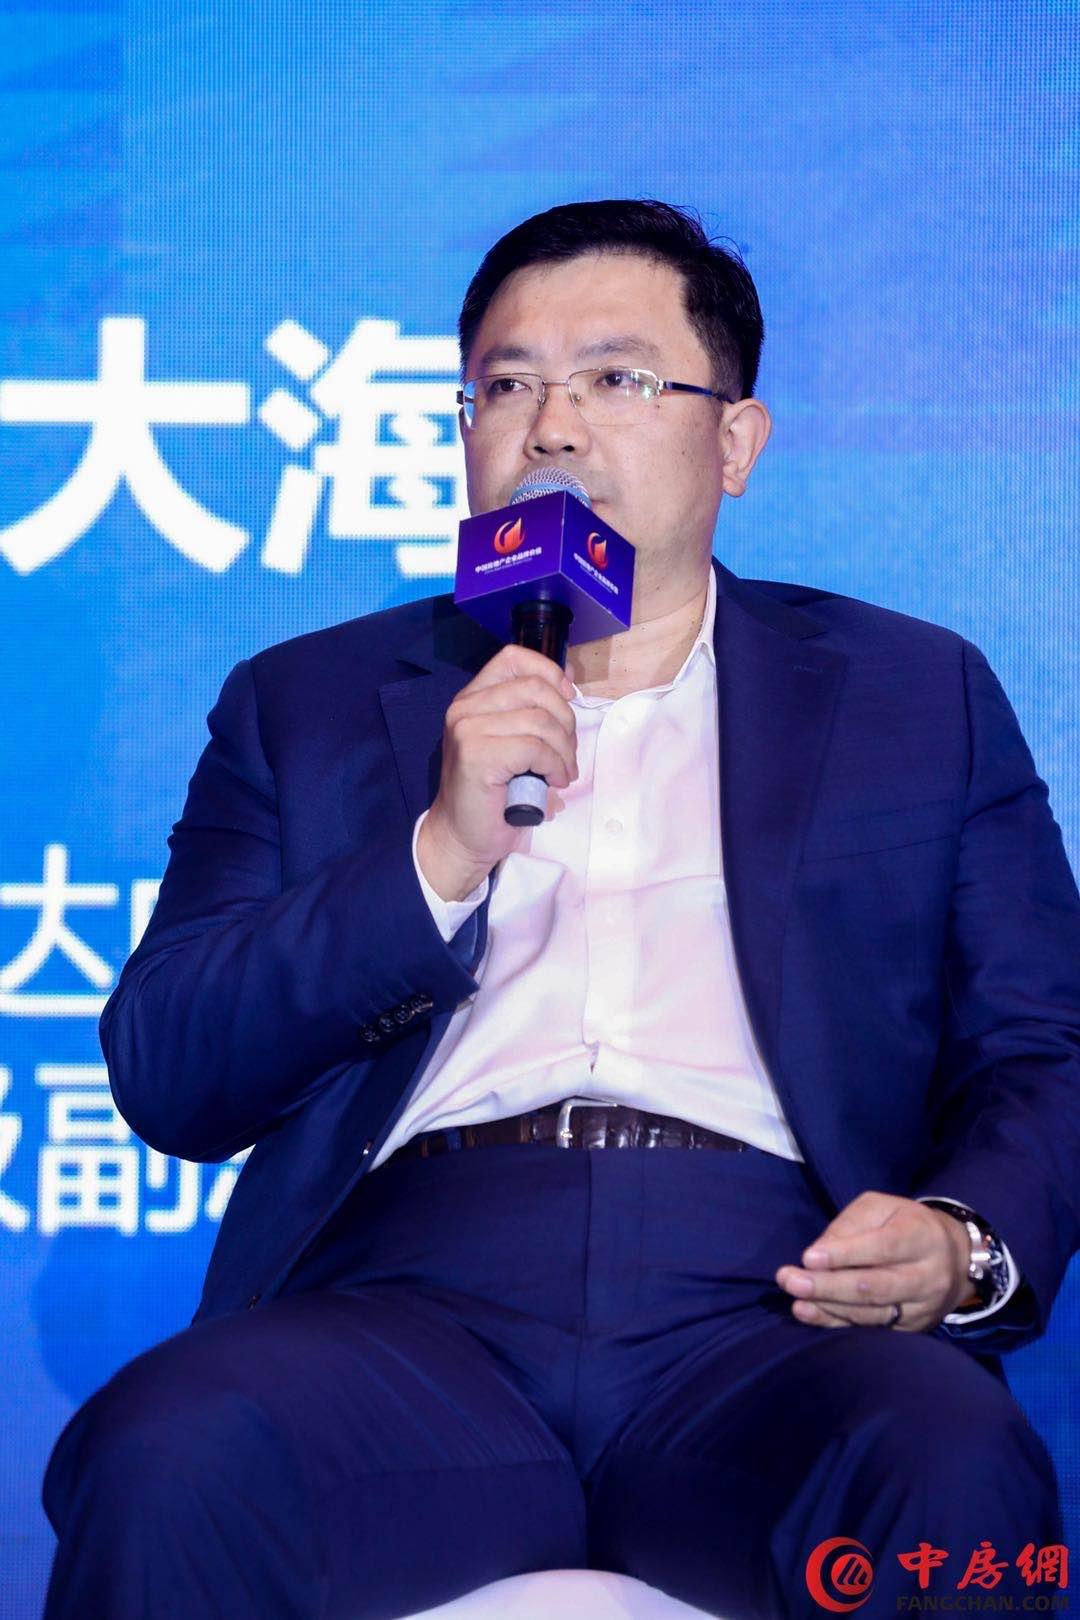 亿达中国于大海: 房地产业会继续大鱼吃小鱼